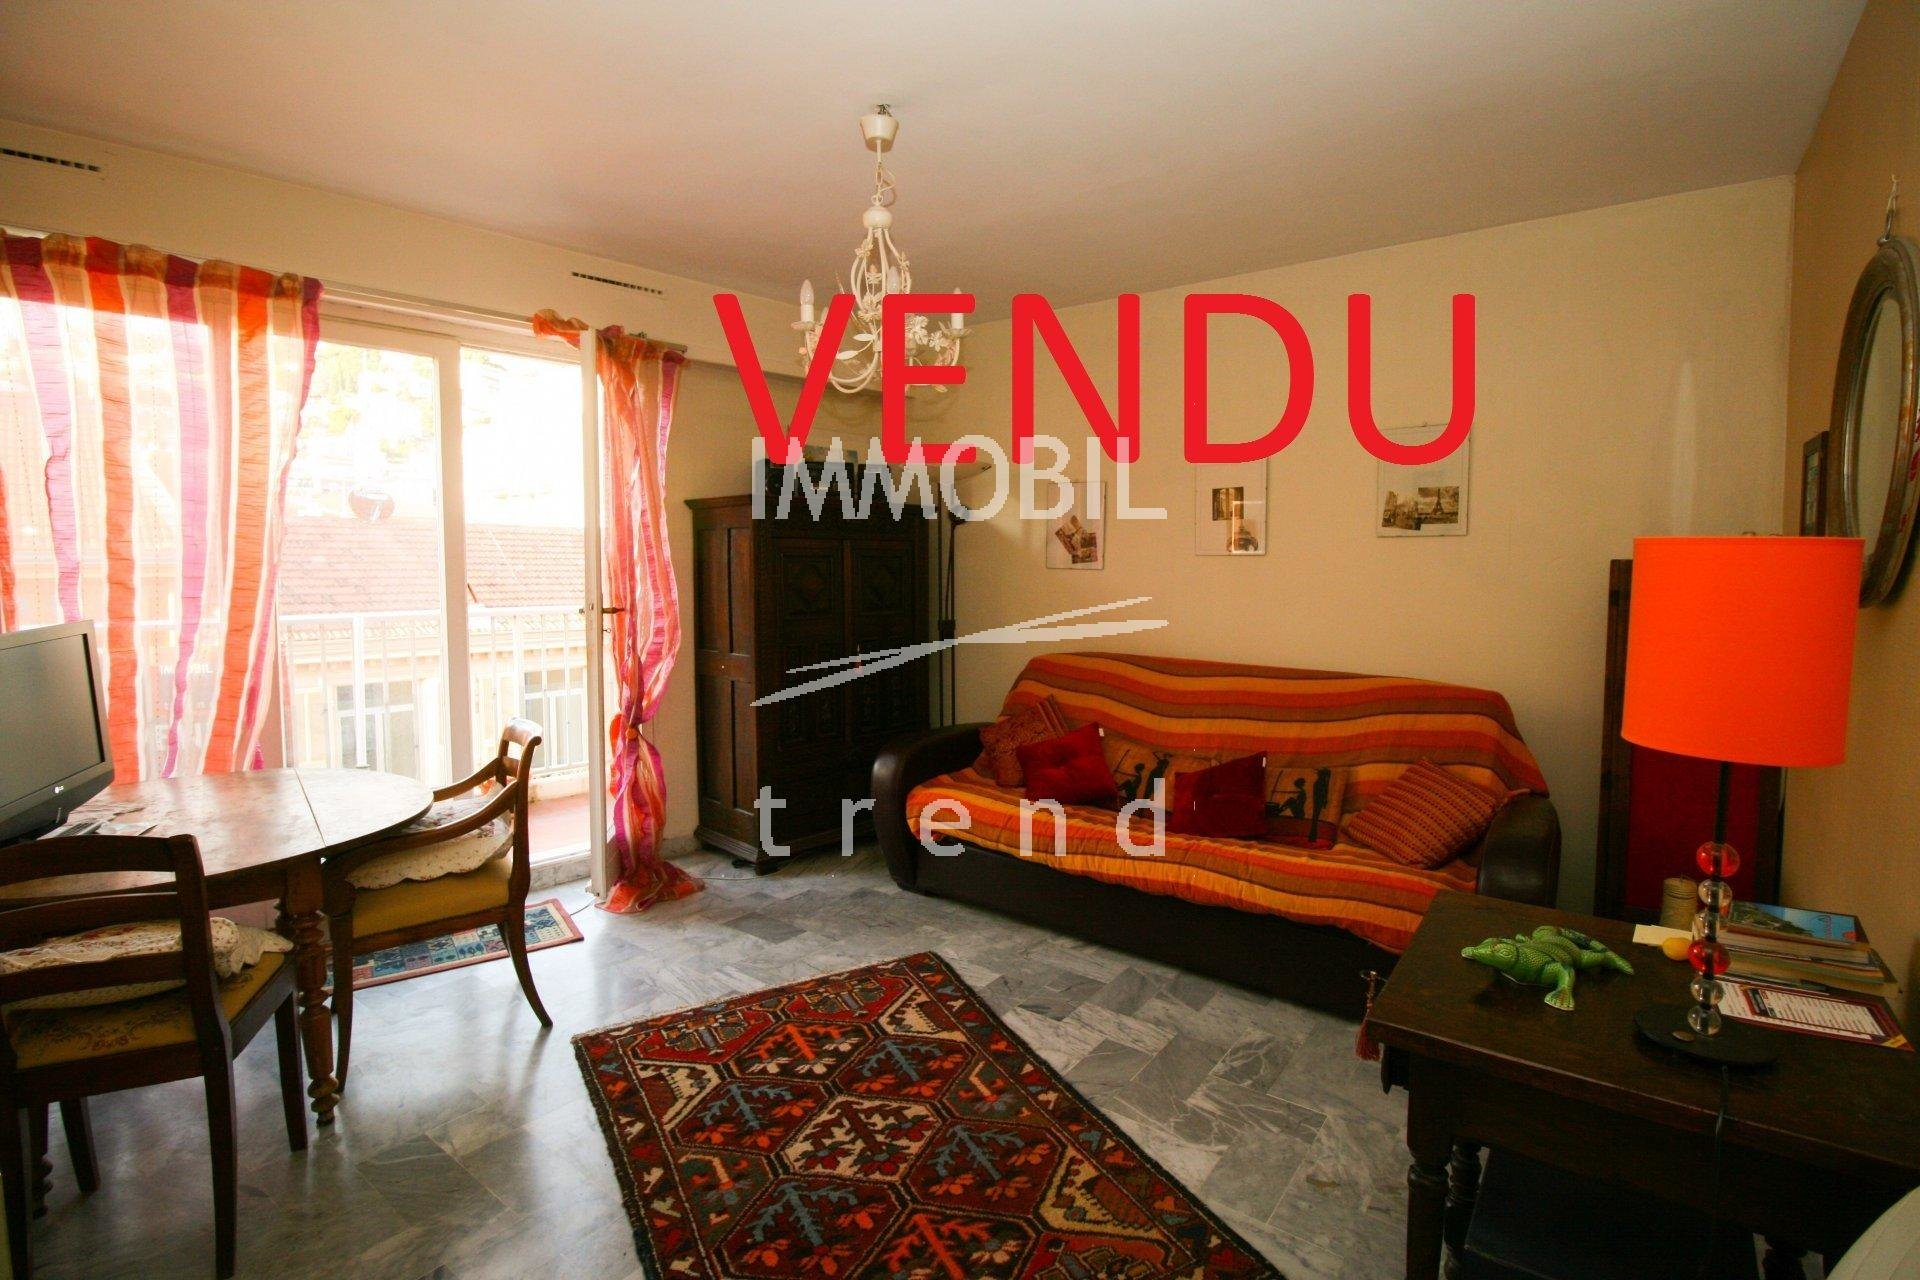 ESCLUSIVA - Immobiliare Mentone - Monolocale con balcone in vendita in pieno centro a Mentone